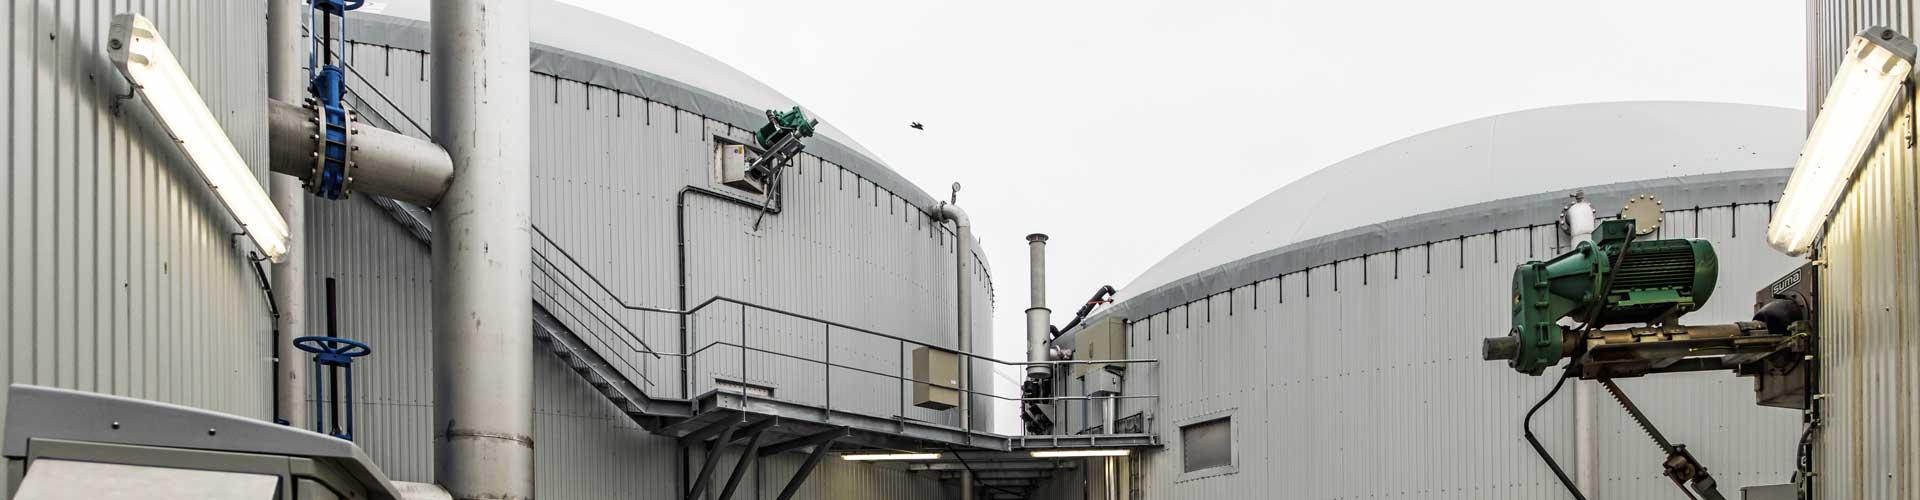 Group Op de Beeck - Biogasinstallatie